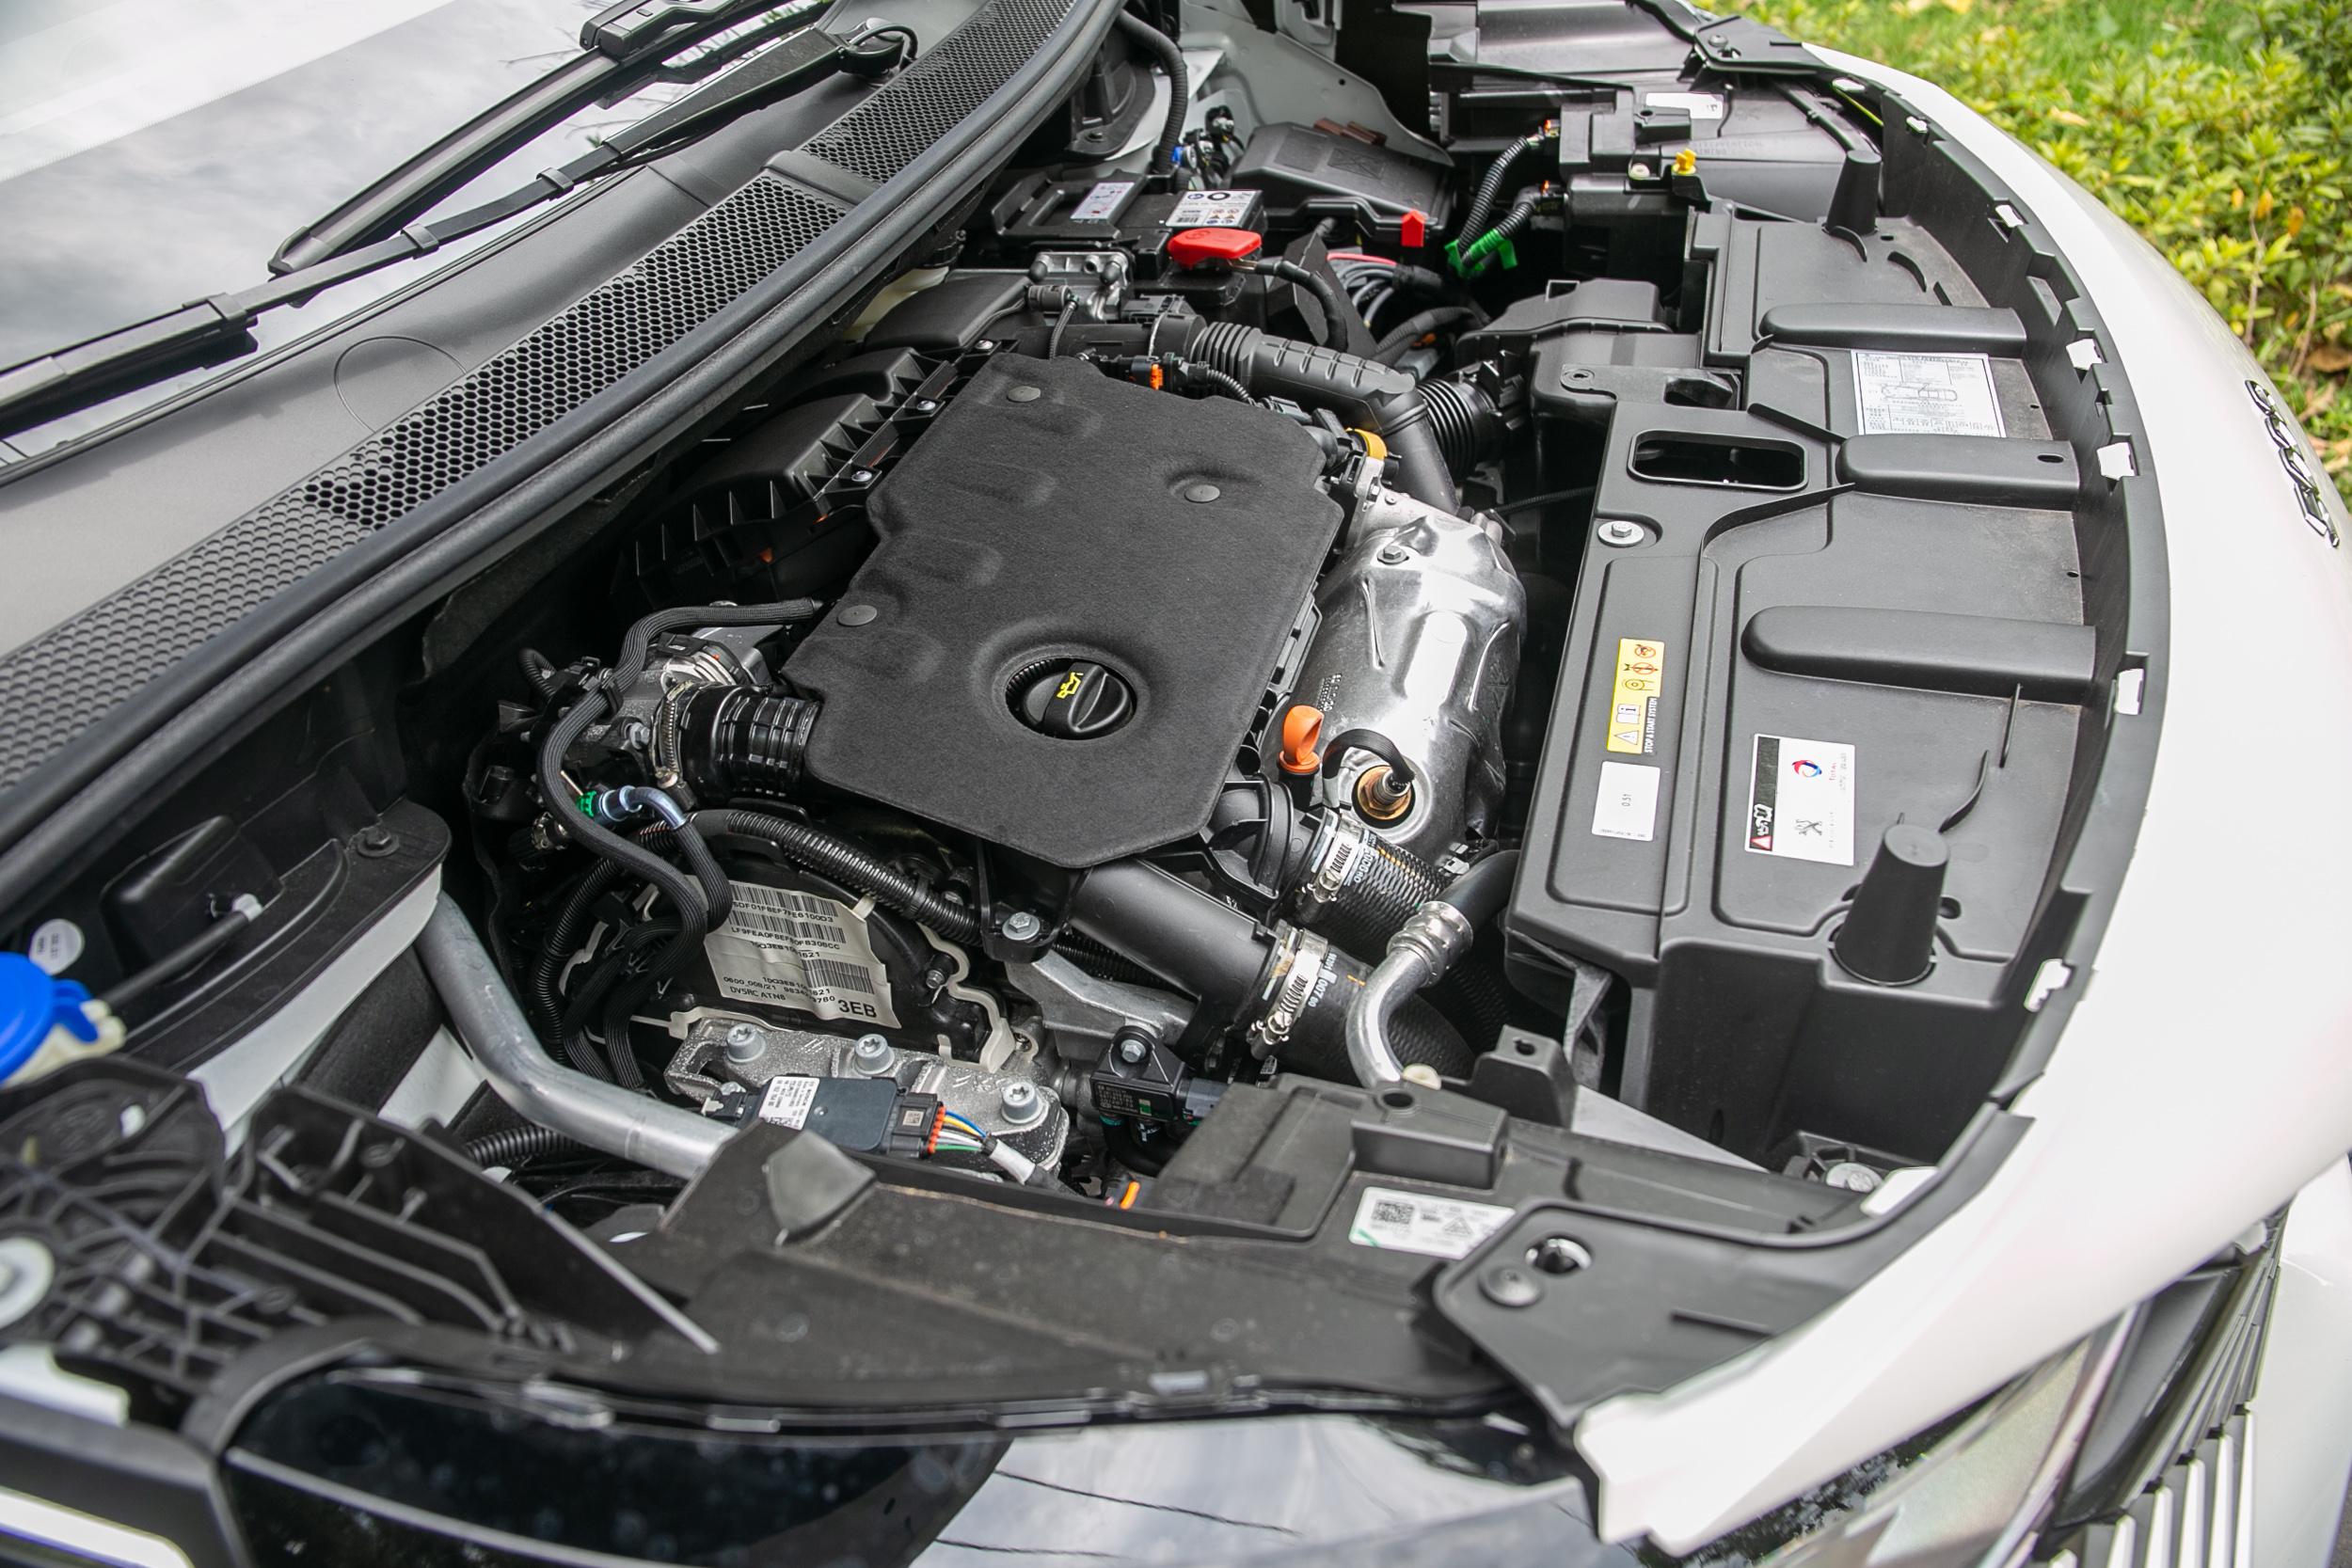 搭載 1.5 升渦輪增壓柴油引擎,具備 130bhp / 3750rpm 最大馬力與 300Nm / 1750rpm 最大扭力。